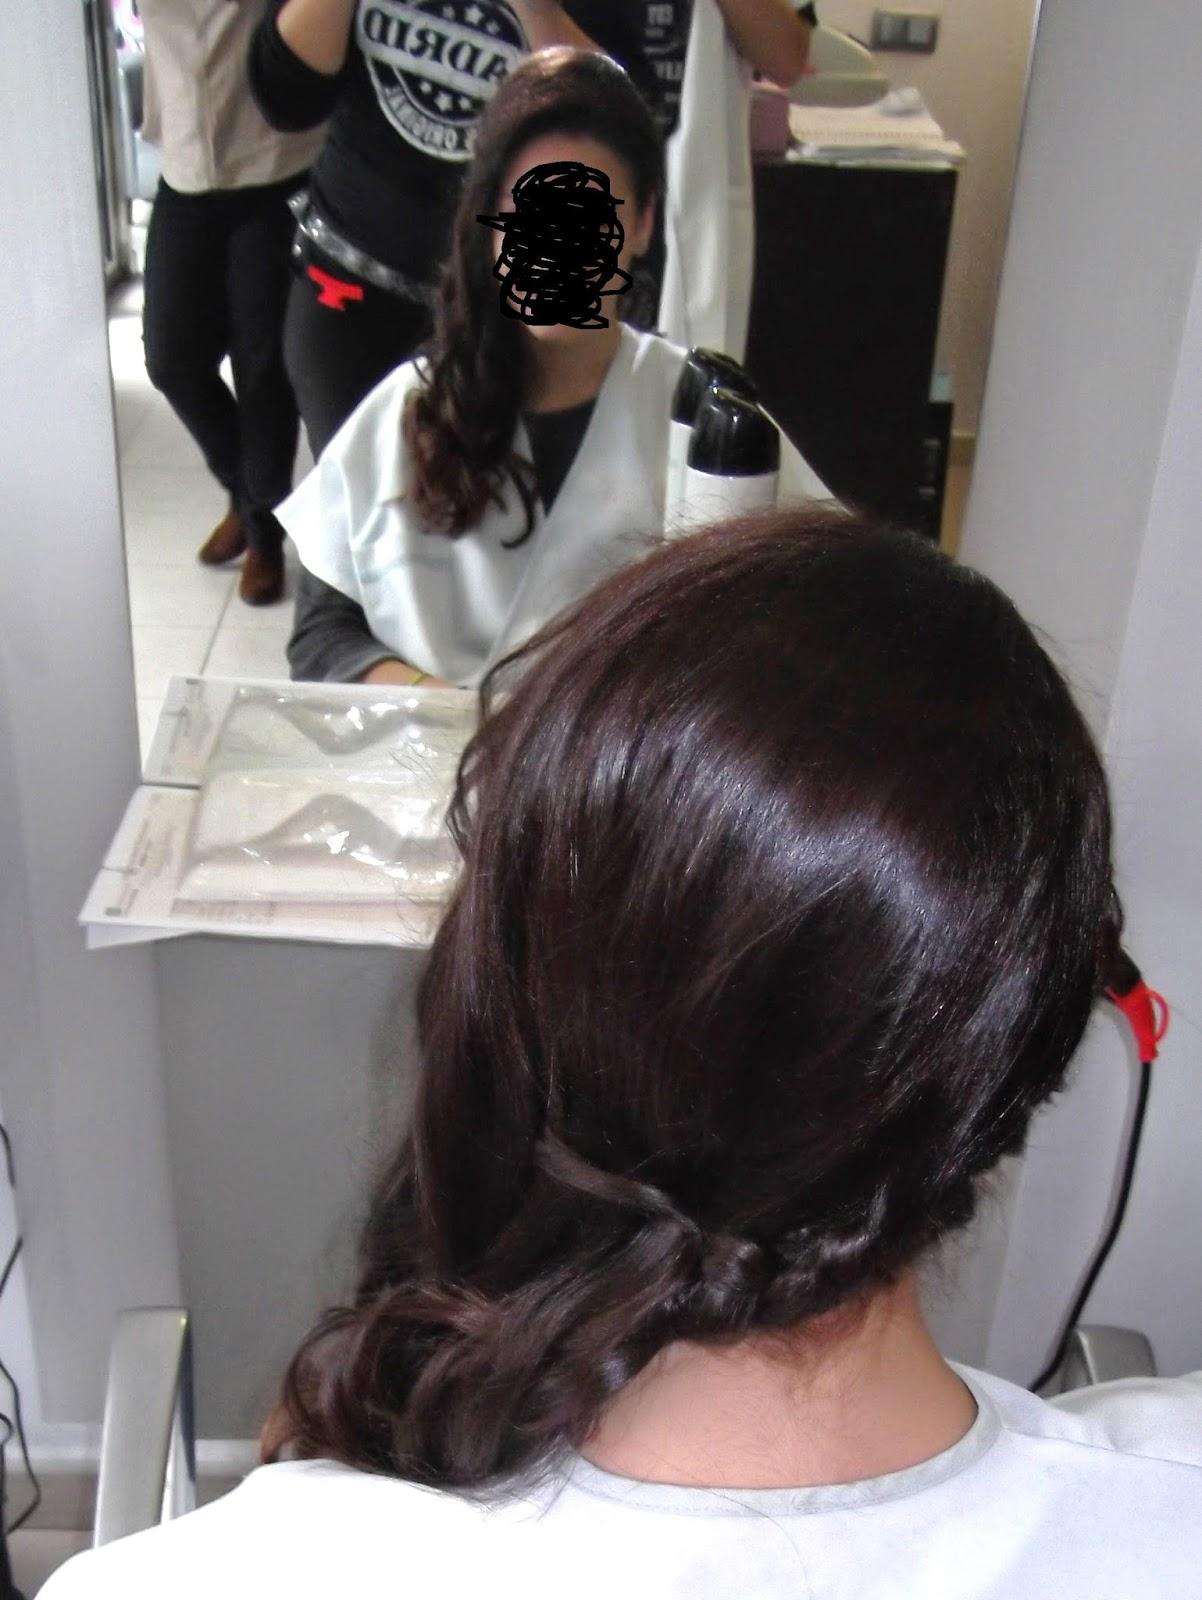 juegos de hacer peinados locos - Play Doh Peinados locos Peluqueria juego de plastilina Juguetes de